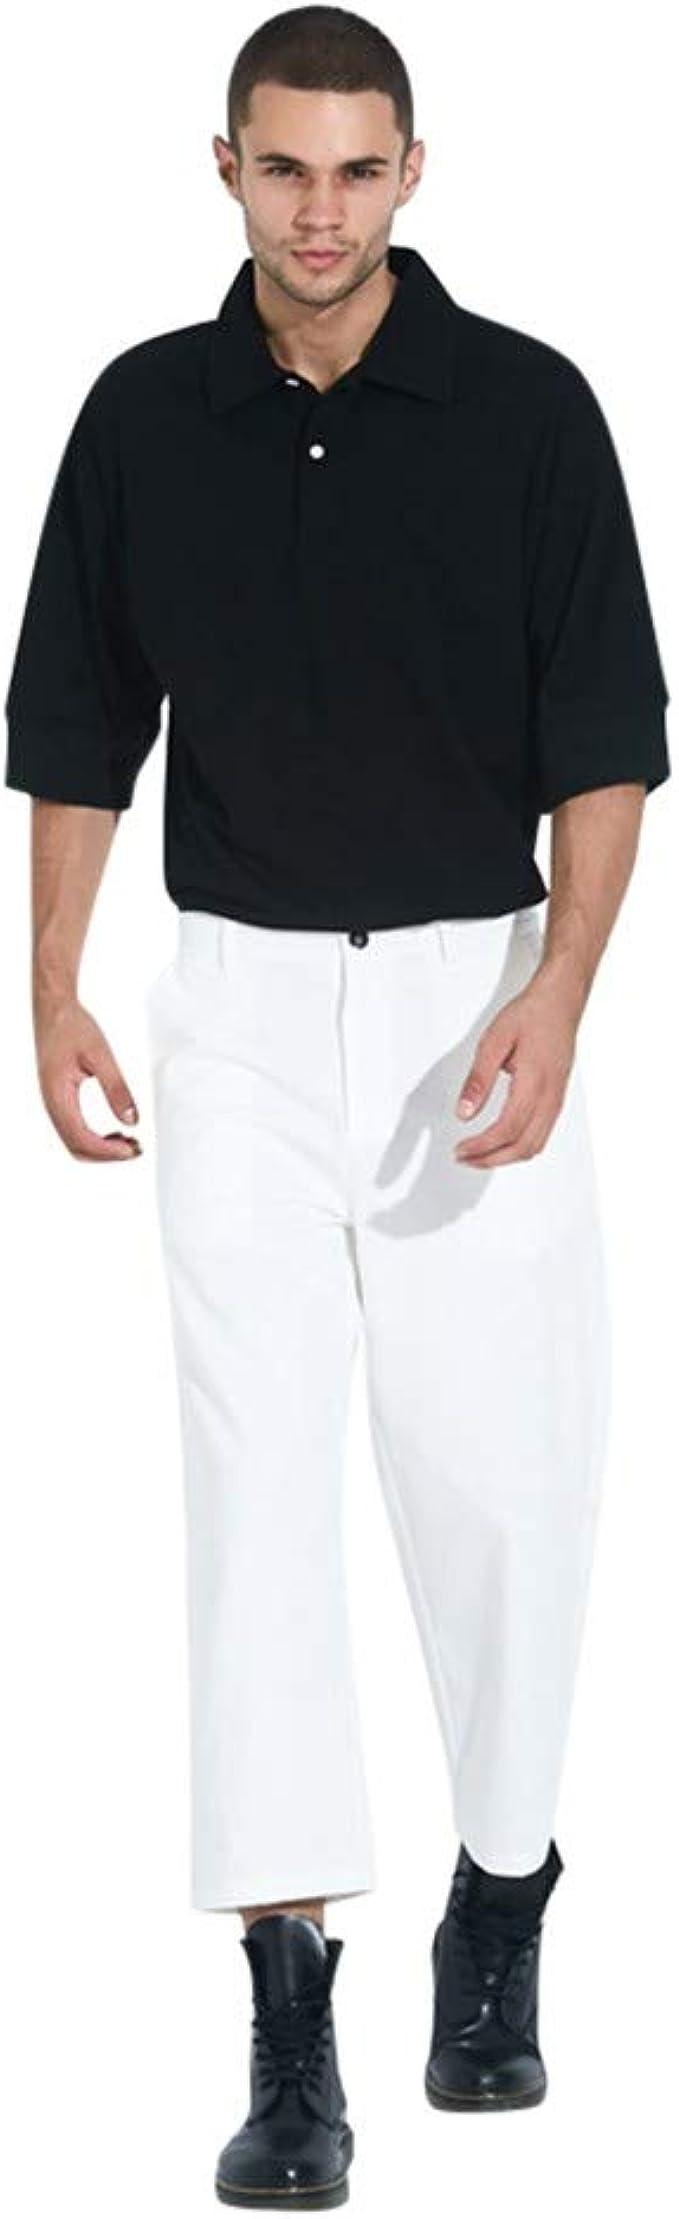 Pantalones Anchos De Moda para Hombre, Moda Casual ...